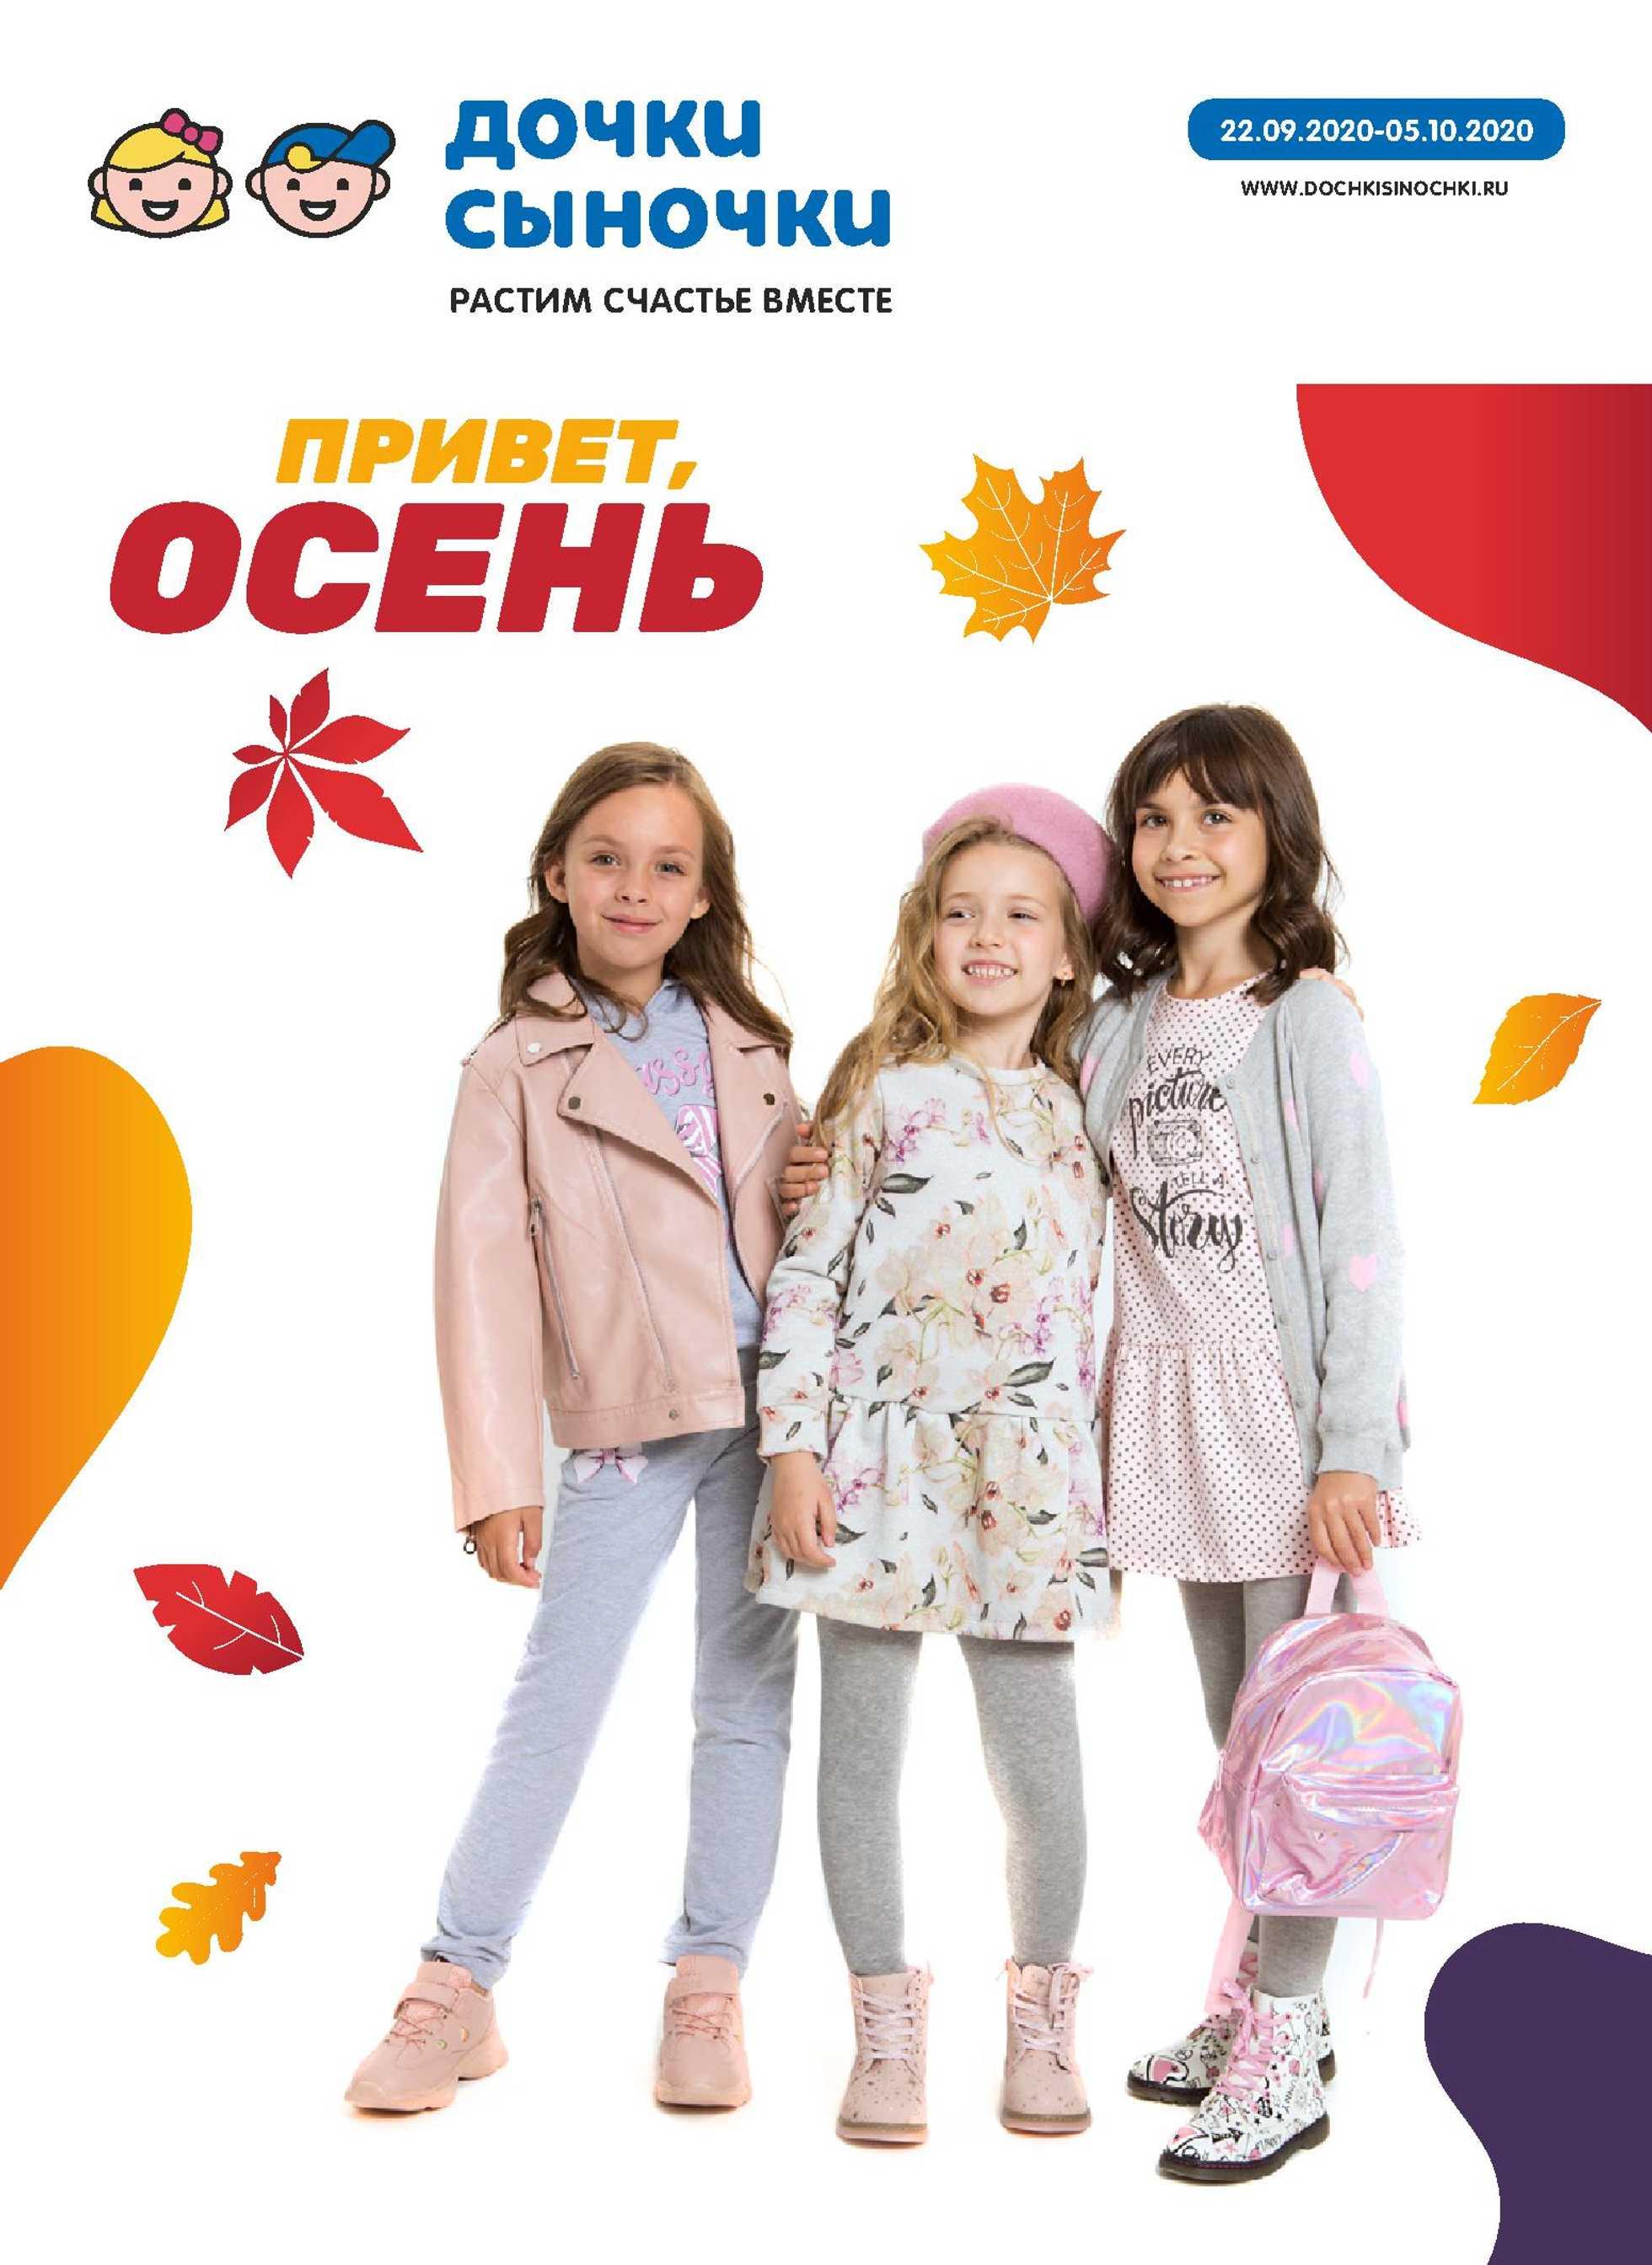 Дочки Сыночки - каталог действителен с 22.09.2020 по 05.10.2020 - страница 1.